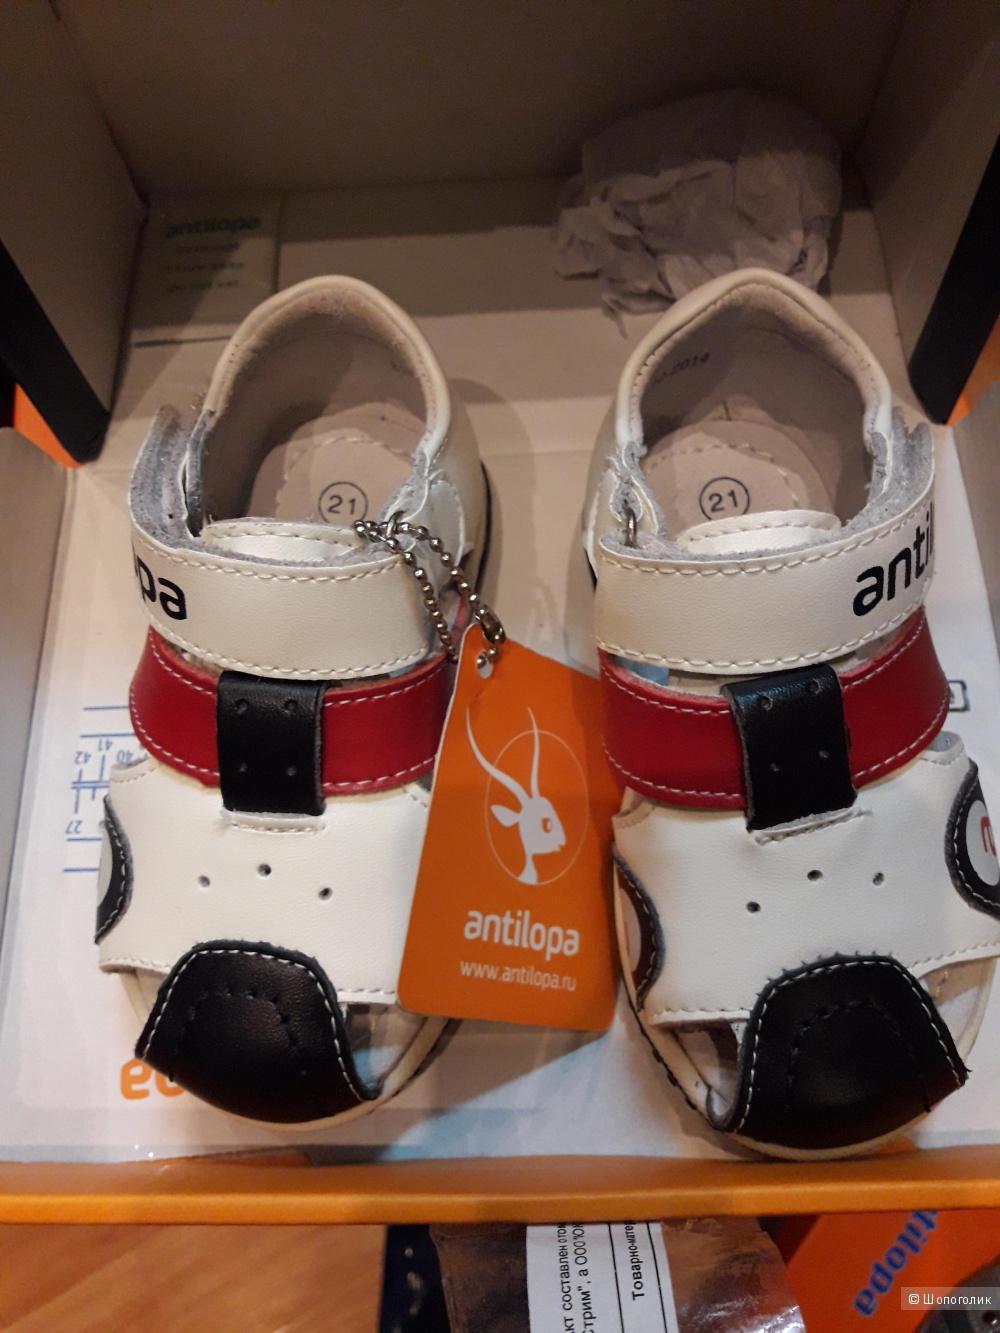 2f8ffc8f3 Кожаные сандали на мальчика Antilopa,р. 21, в магазине Другой ...